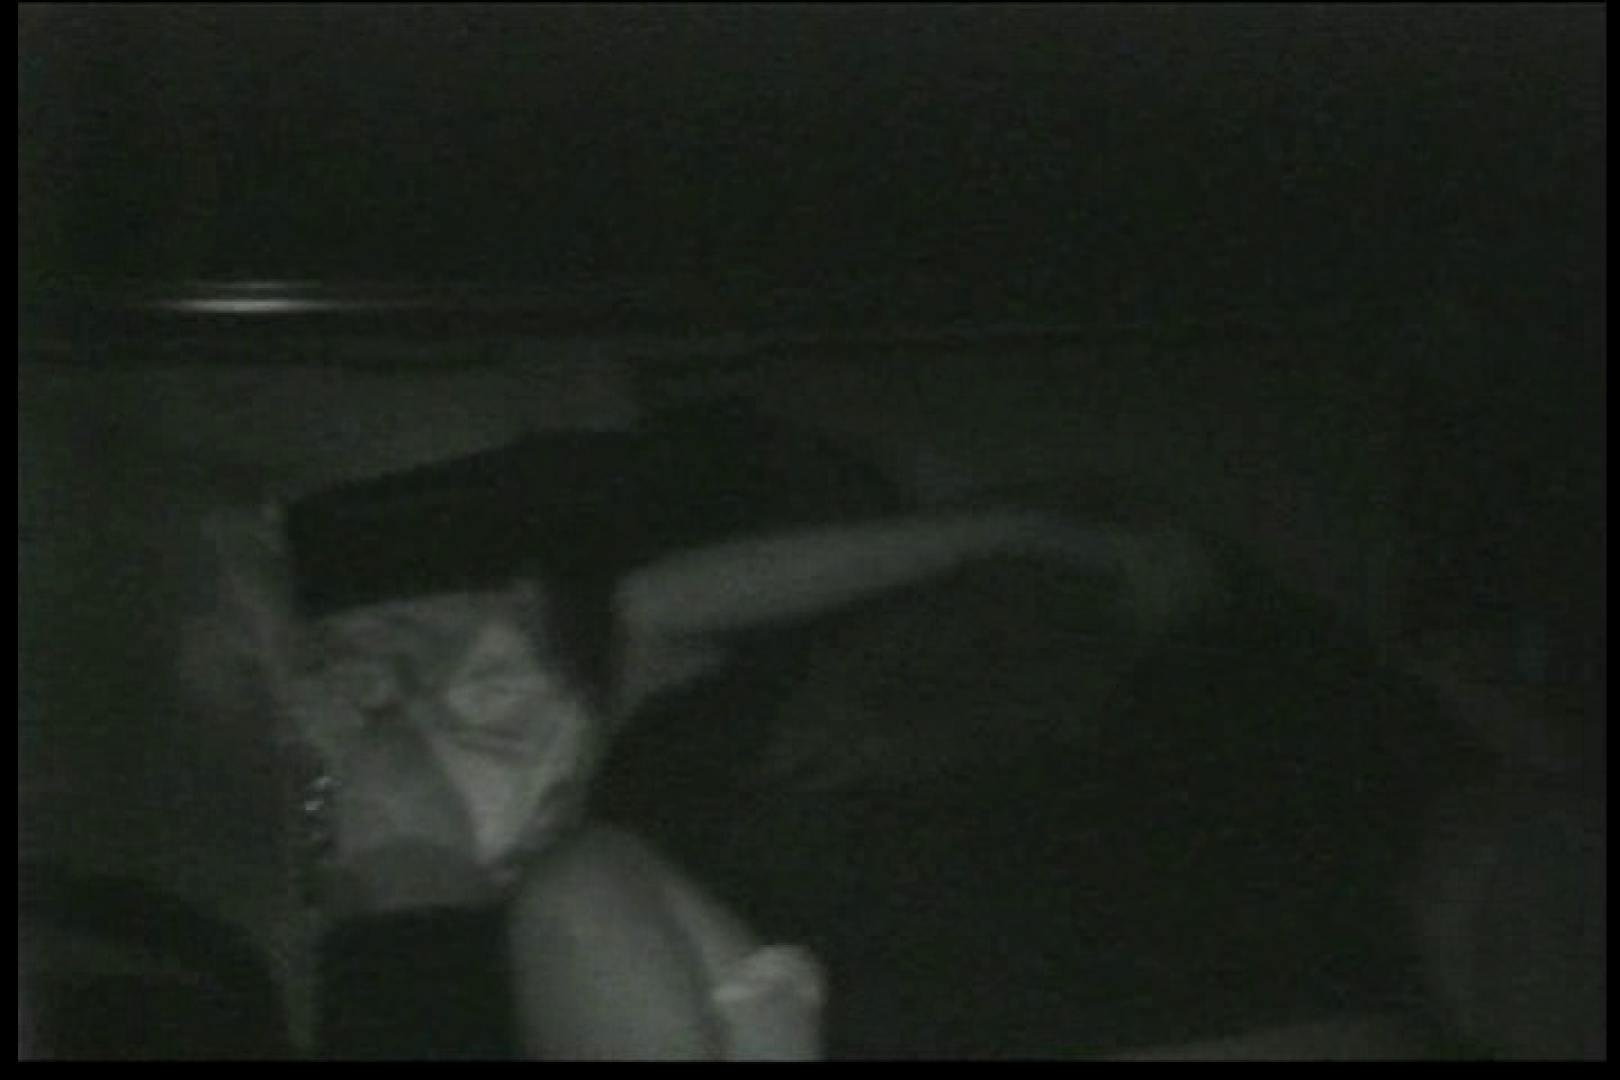 車の中はラブホテル 無修正版  Vol.12 カップル オマンコ動画キャプチャ 87pic 19